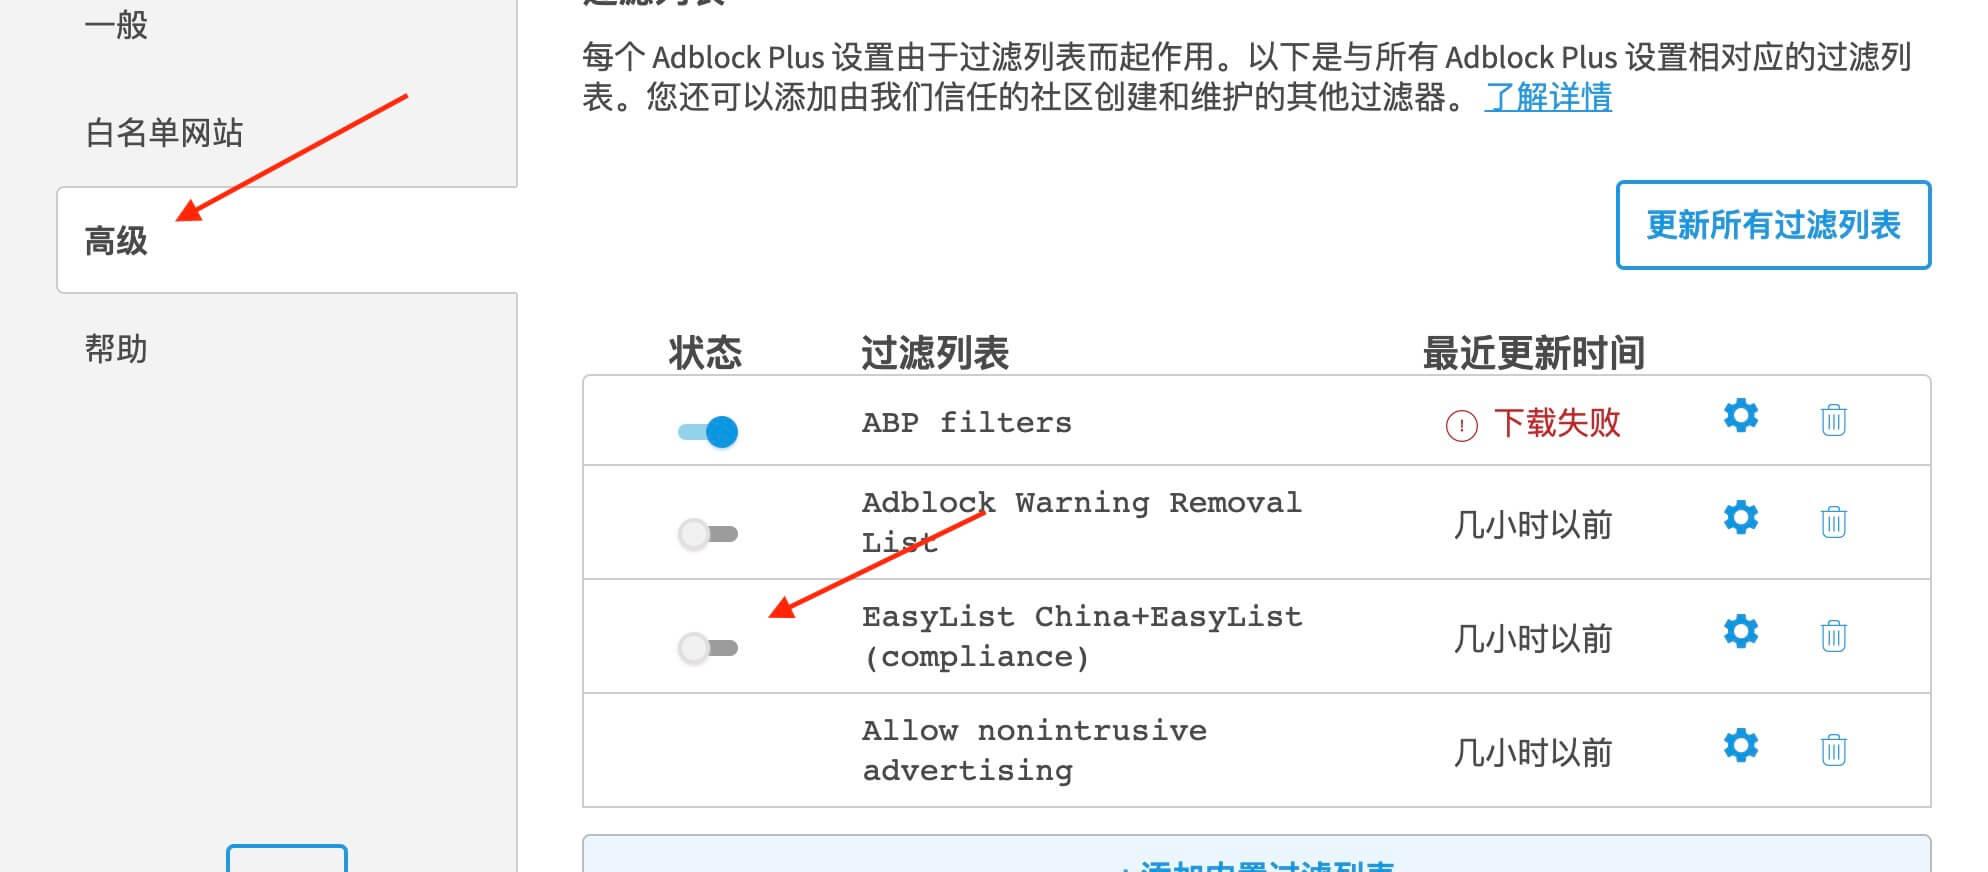 《如何只屏蔽百度广告 放开谷歌广告,添加自定义拦截规则》